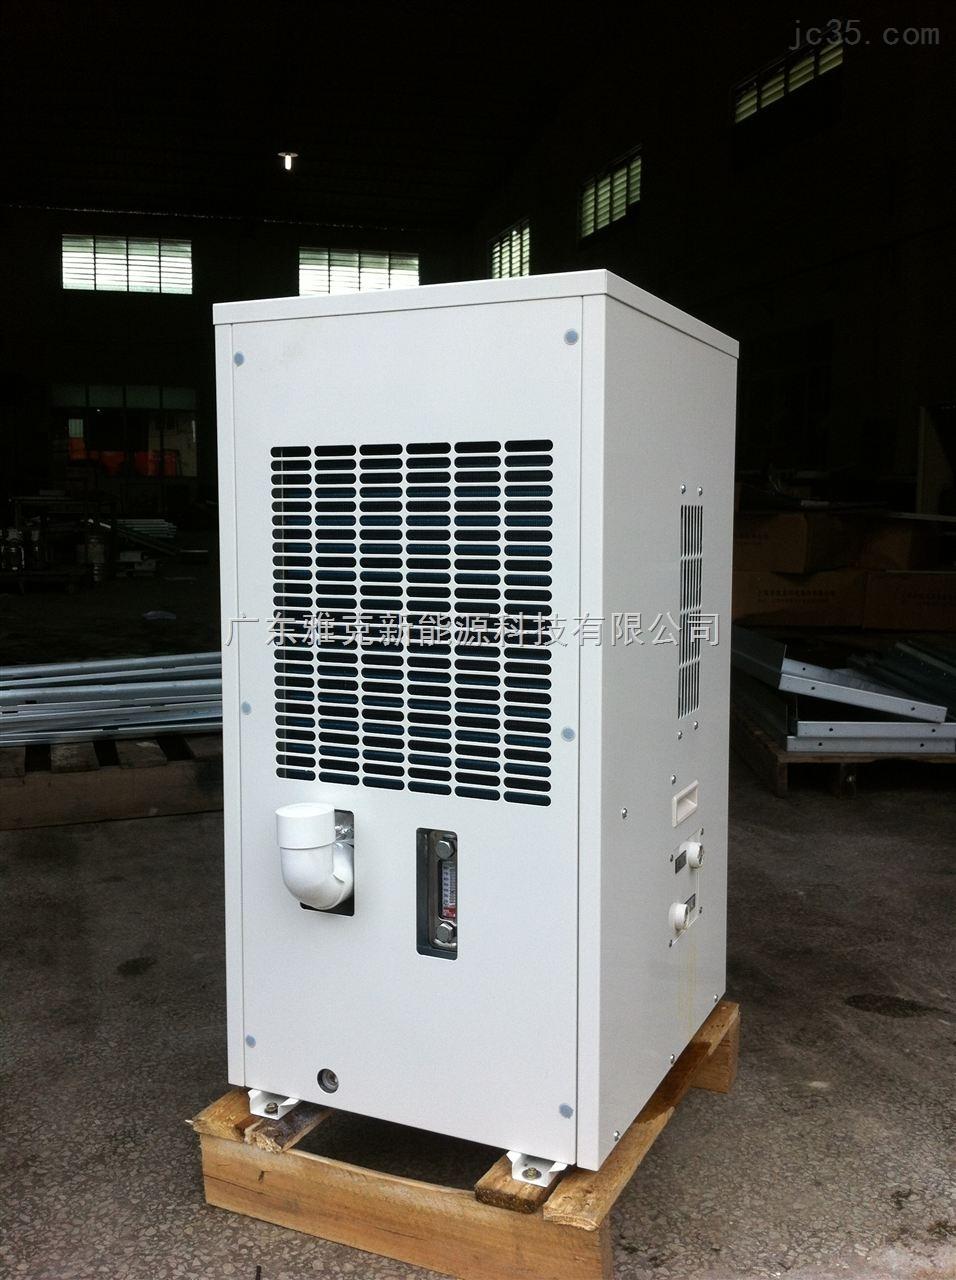 【雅克】深圳坪山精雕机厂专配主轴冷水机系统